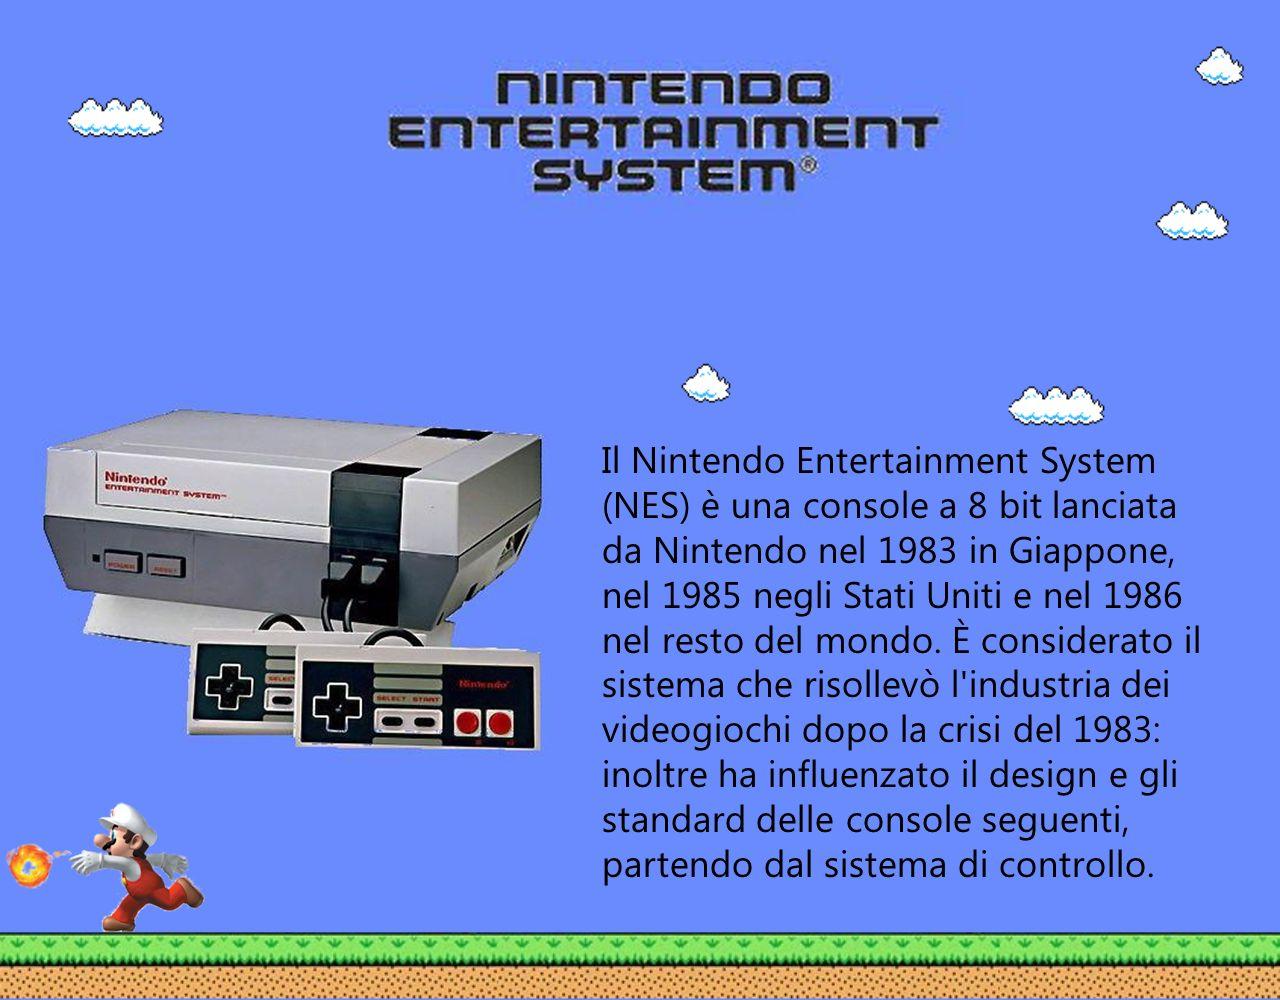 Il Nintendo Entertainment System (NES) è una console a 8 bit lanciata da Nintendo nel 1983 in Giappone, nel 1985 negli Stati Uniti e nel 1986 nel resto del mondo.